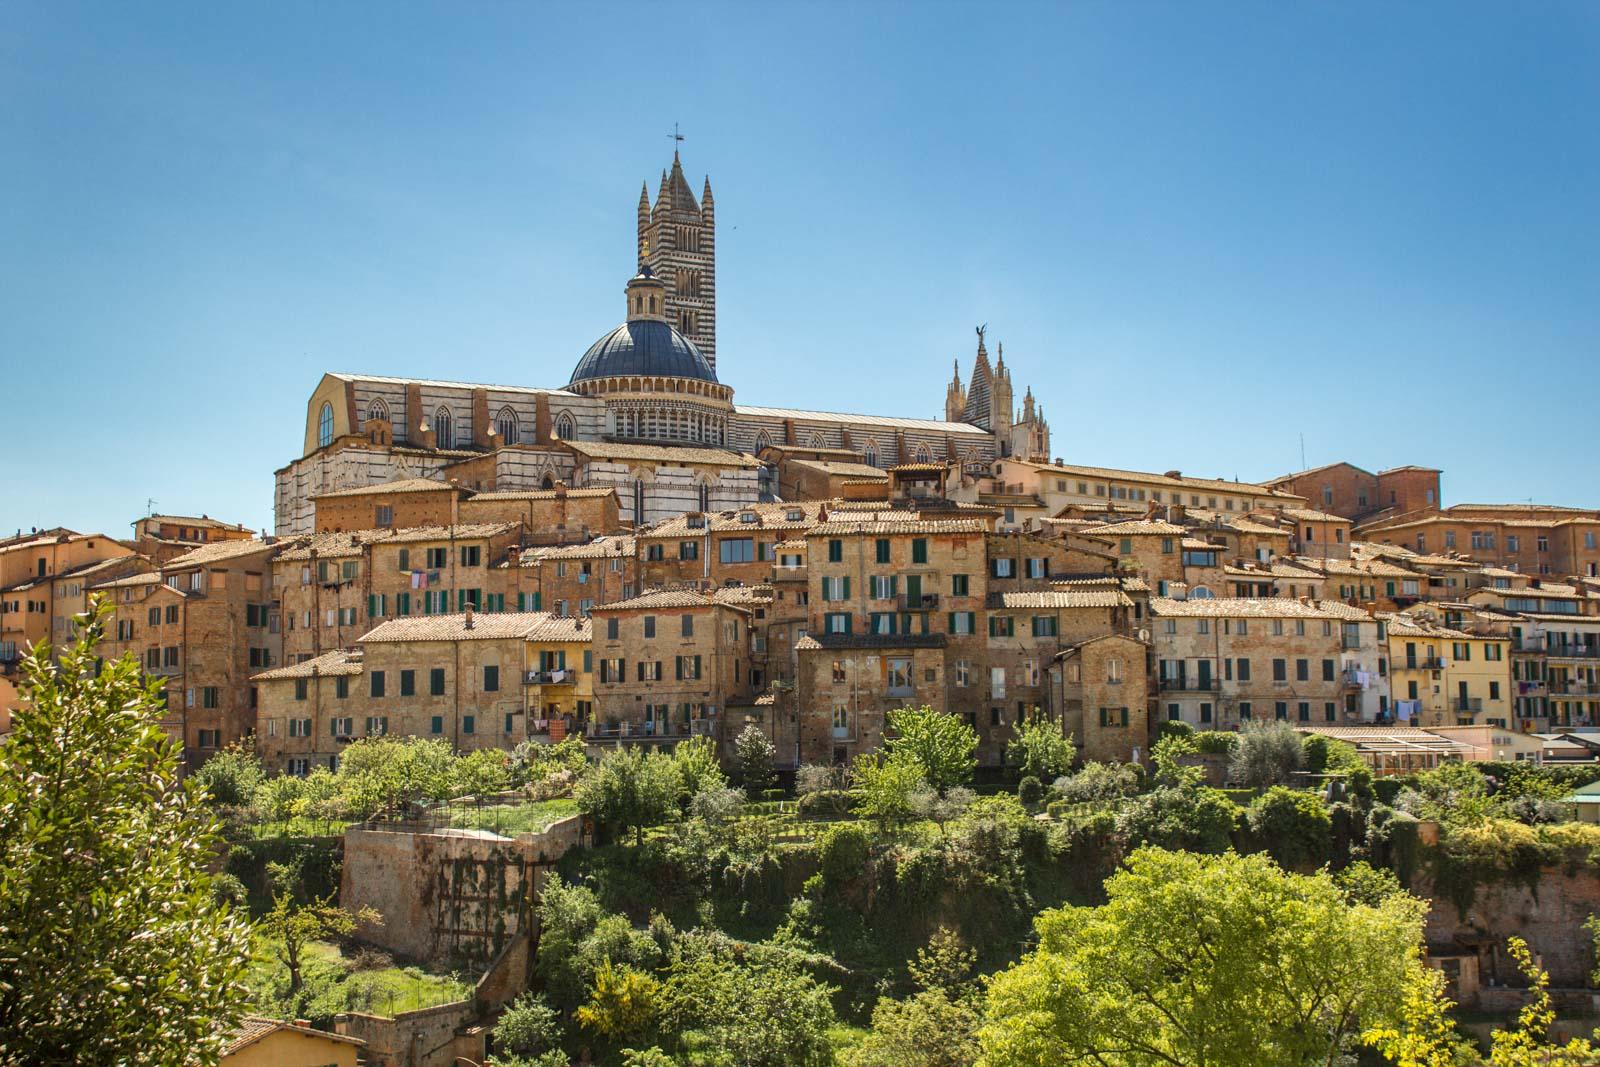 Il Palio, Siena horse race, siena, tuscany, italy